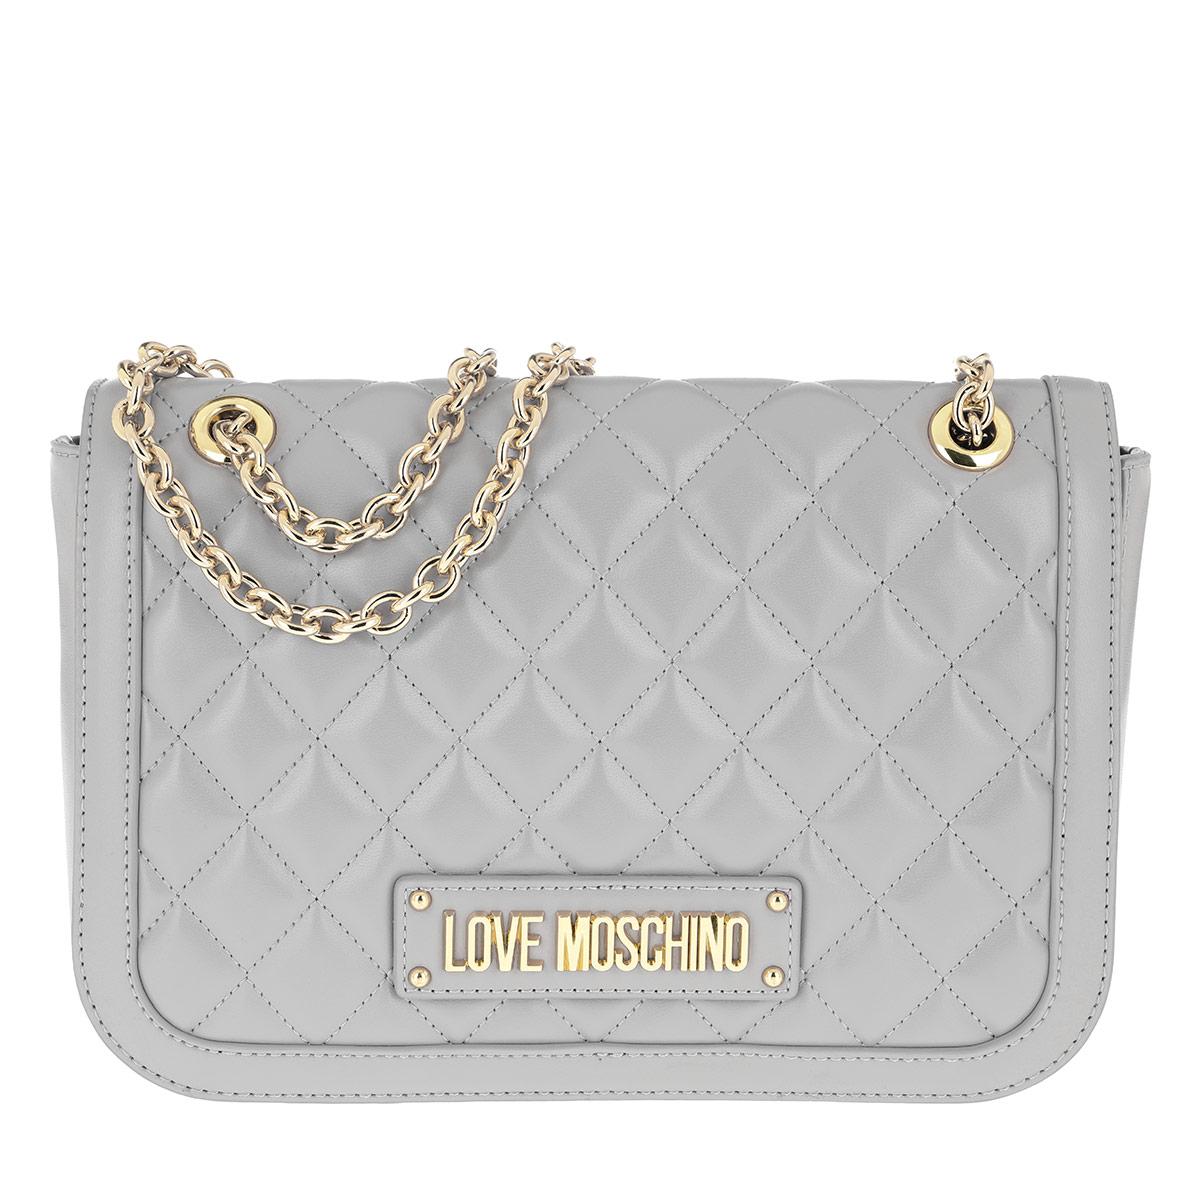 Love Moschino Satchel Bag - Quilted Chain Shoulder Bag Grey - in grau - für Damen